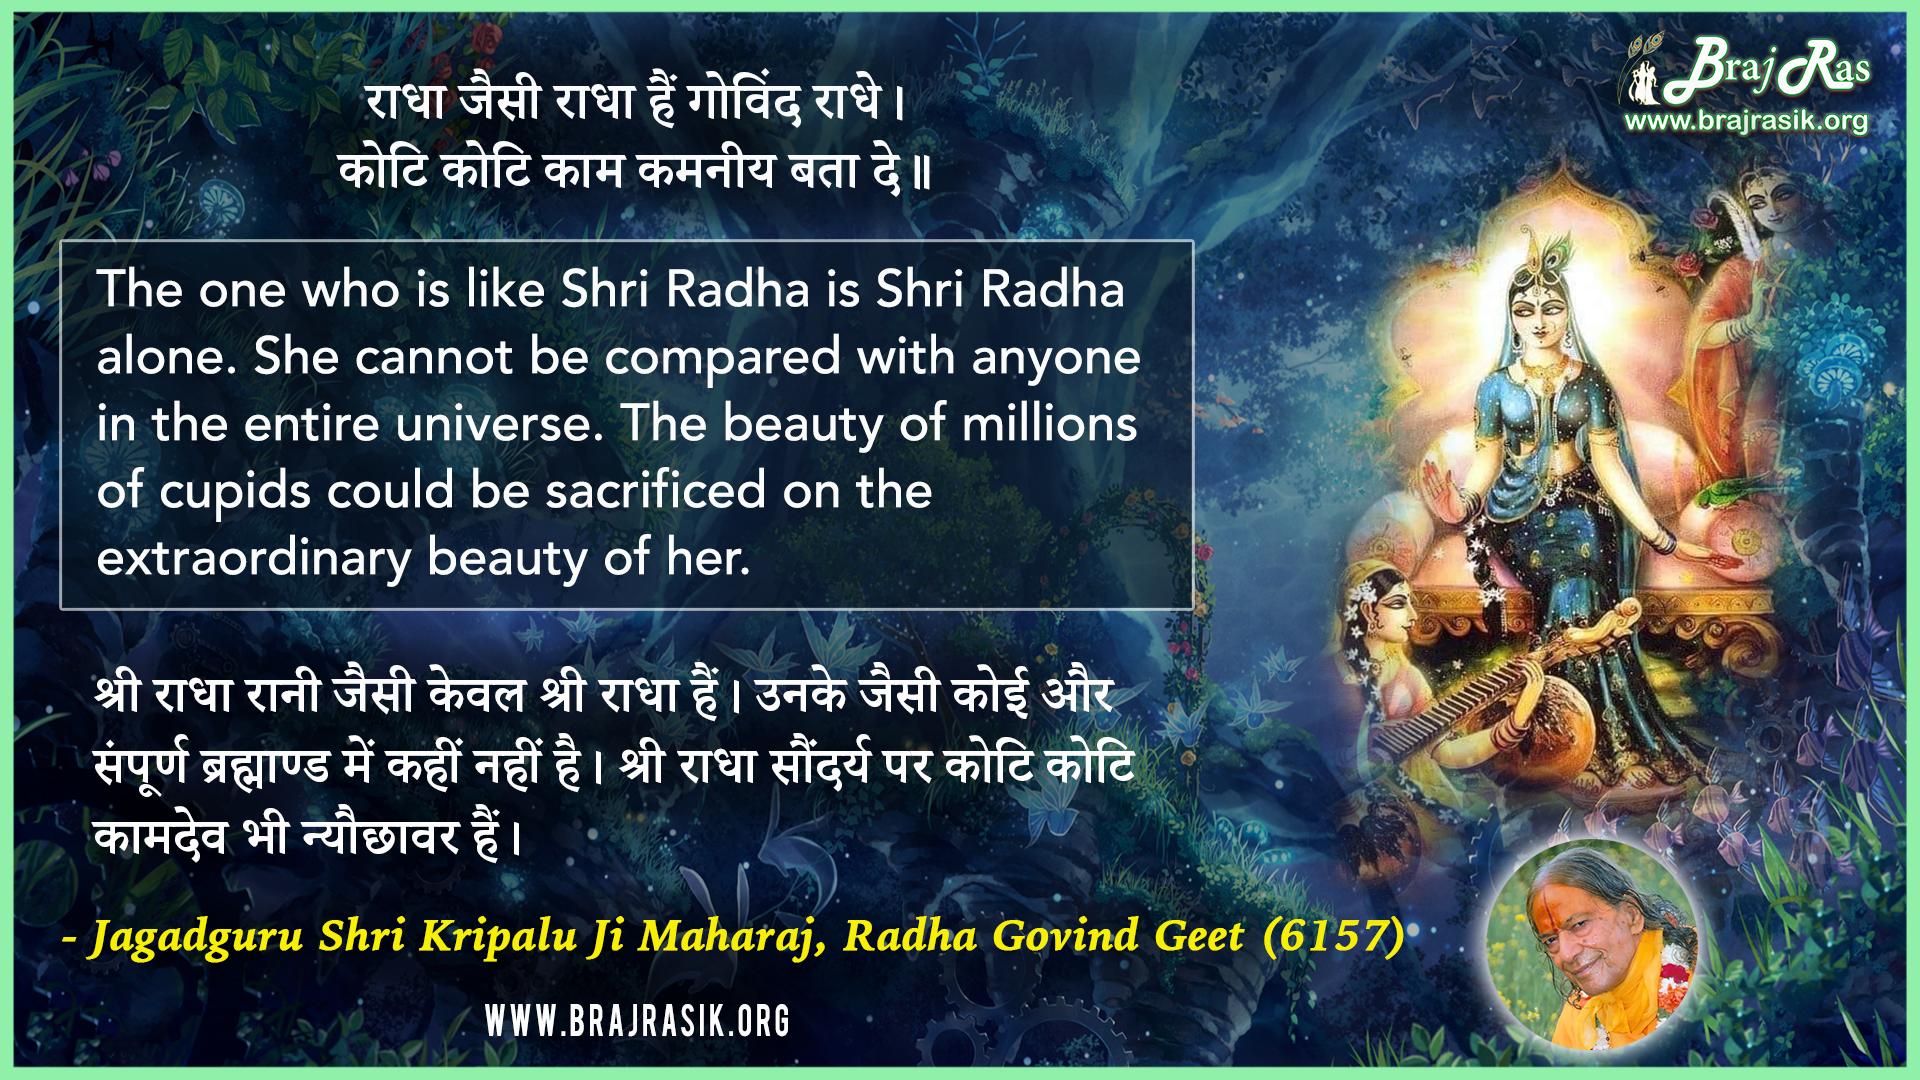 Radha Jaisi Radha Hain Govind Radhe - Jagadguru Shri Kripalu Ji Maharaj, Radha Govind Geet (6157)